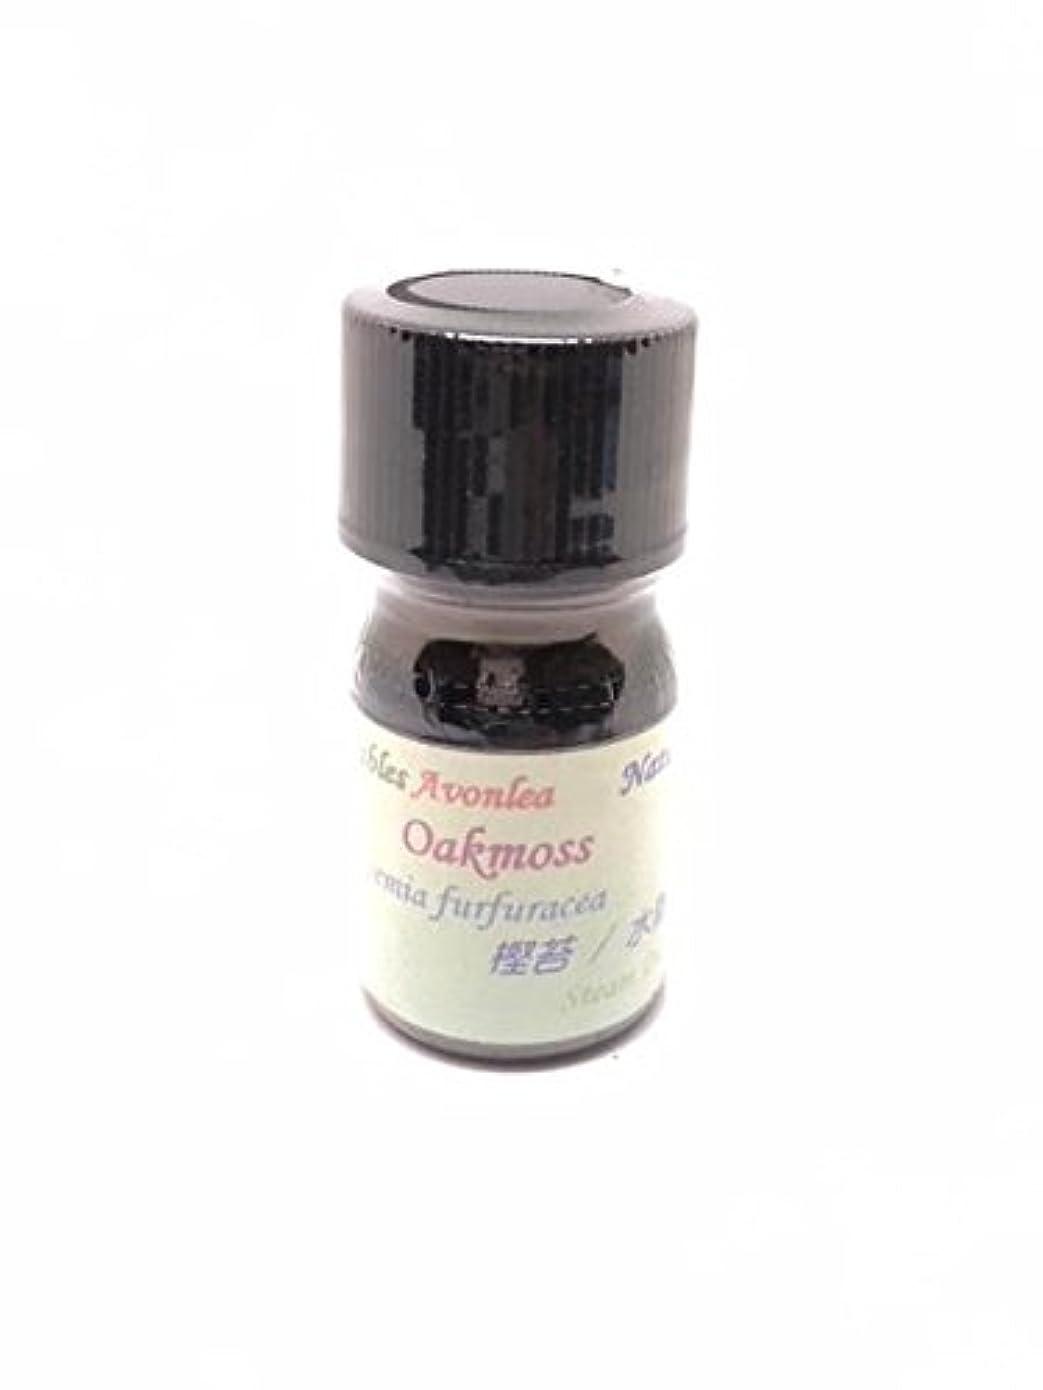 インク支援シェアオークモス 樫苔 エッセンシャルオイル 高級精油 (5ml)